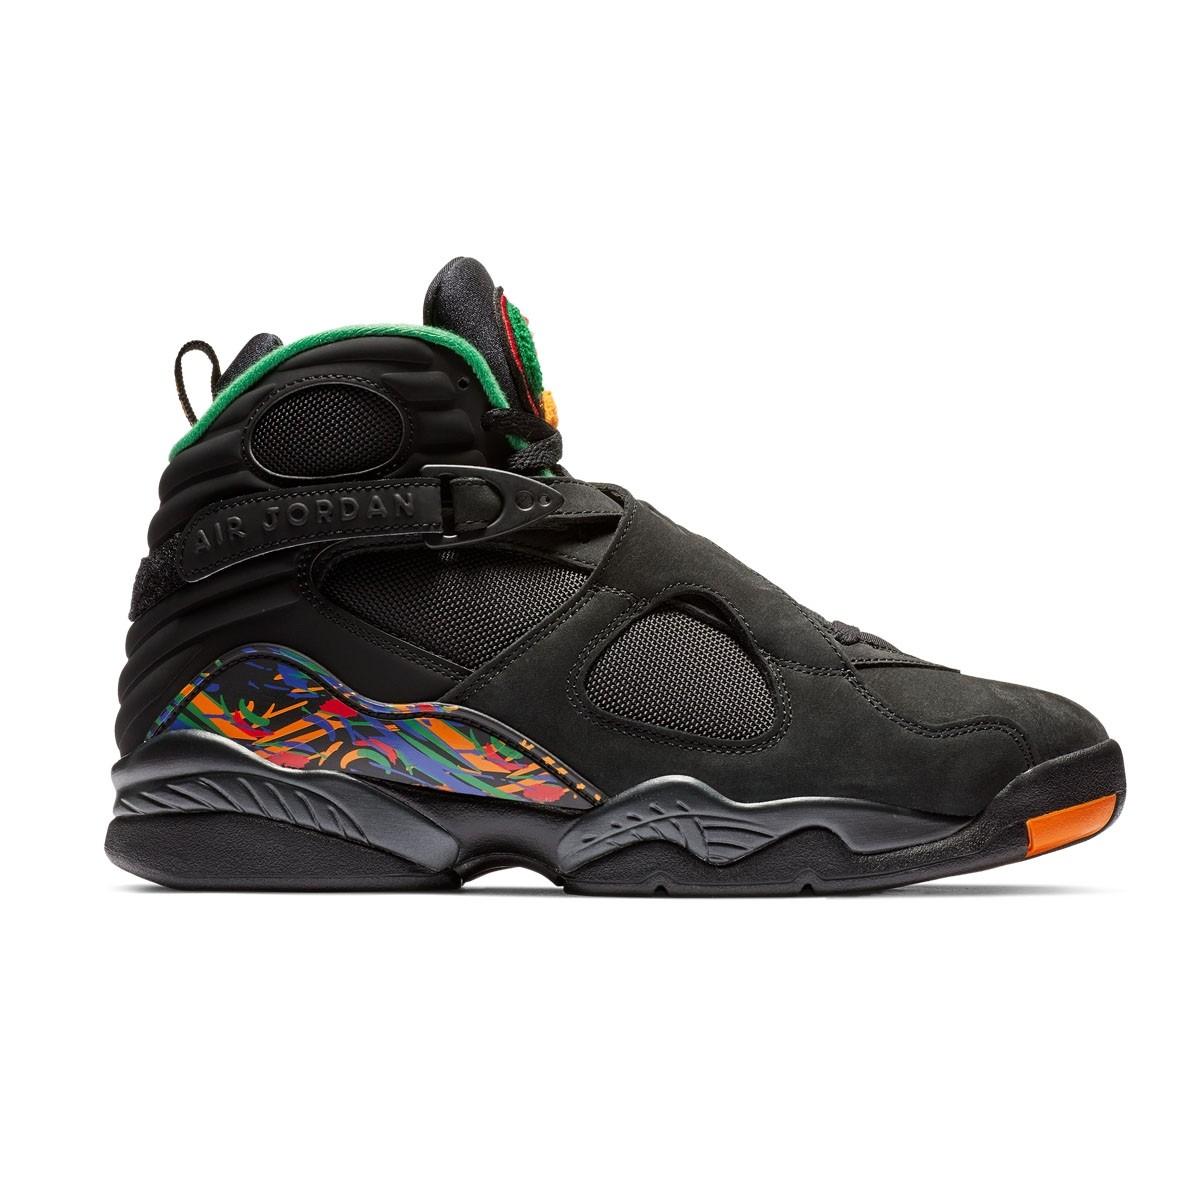 air jordan zapatillas baloncesto